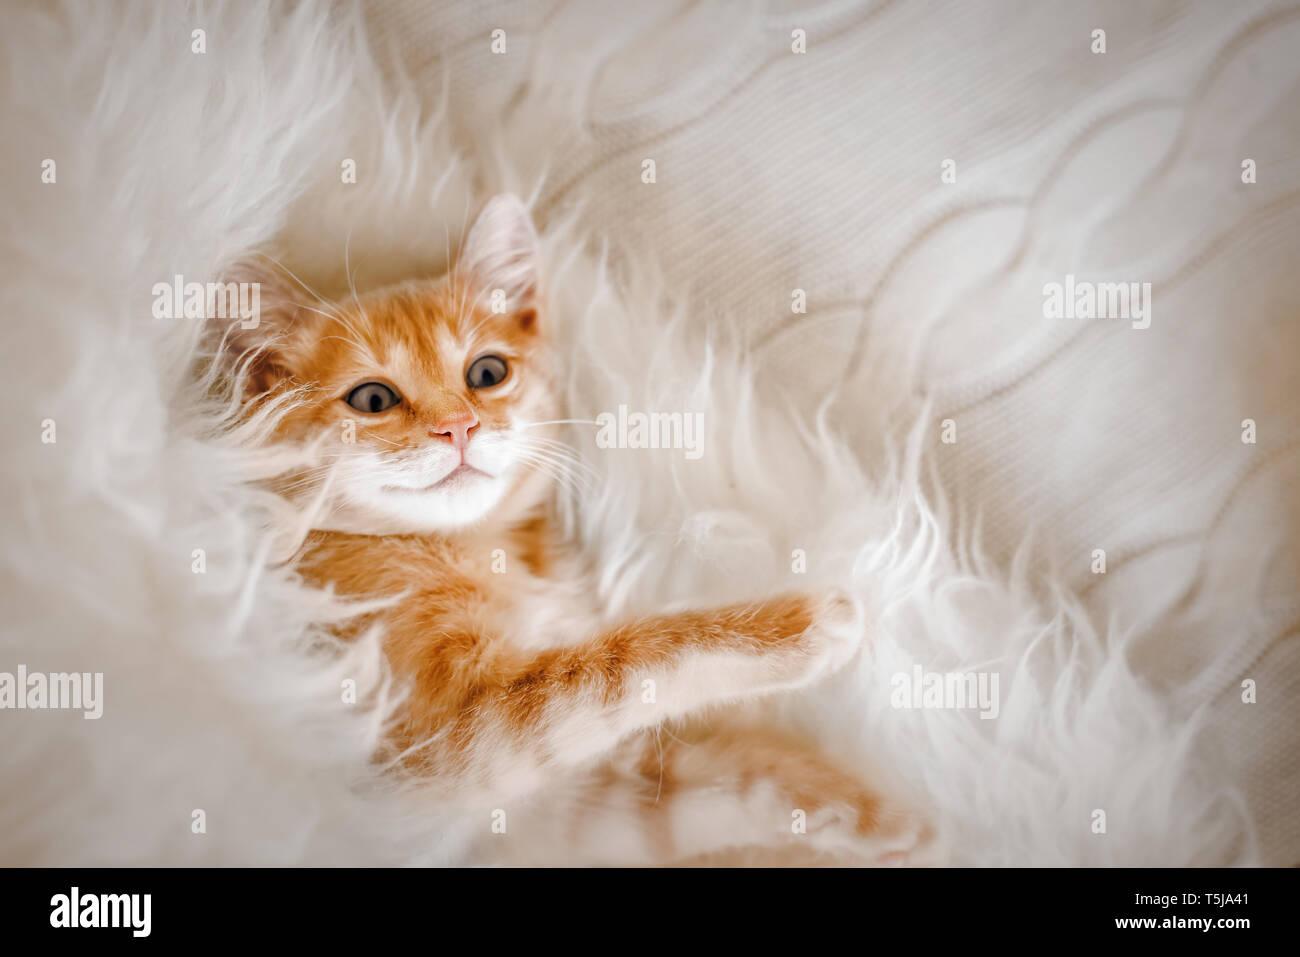 Niedlich Ginger Kitten Am Morgen Liegen Auf Einem Fell